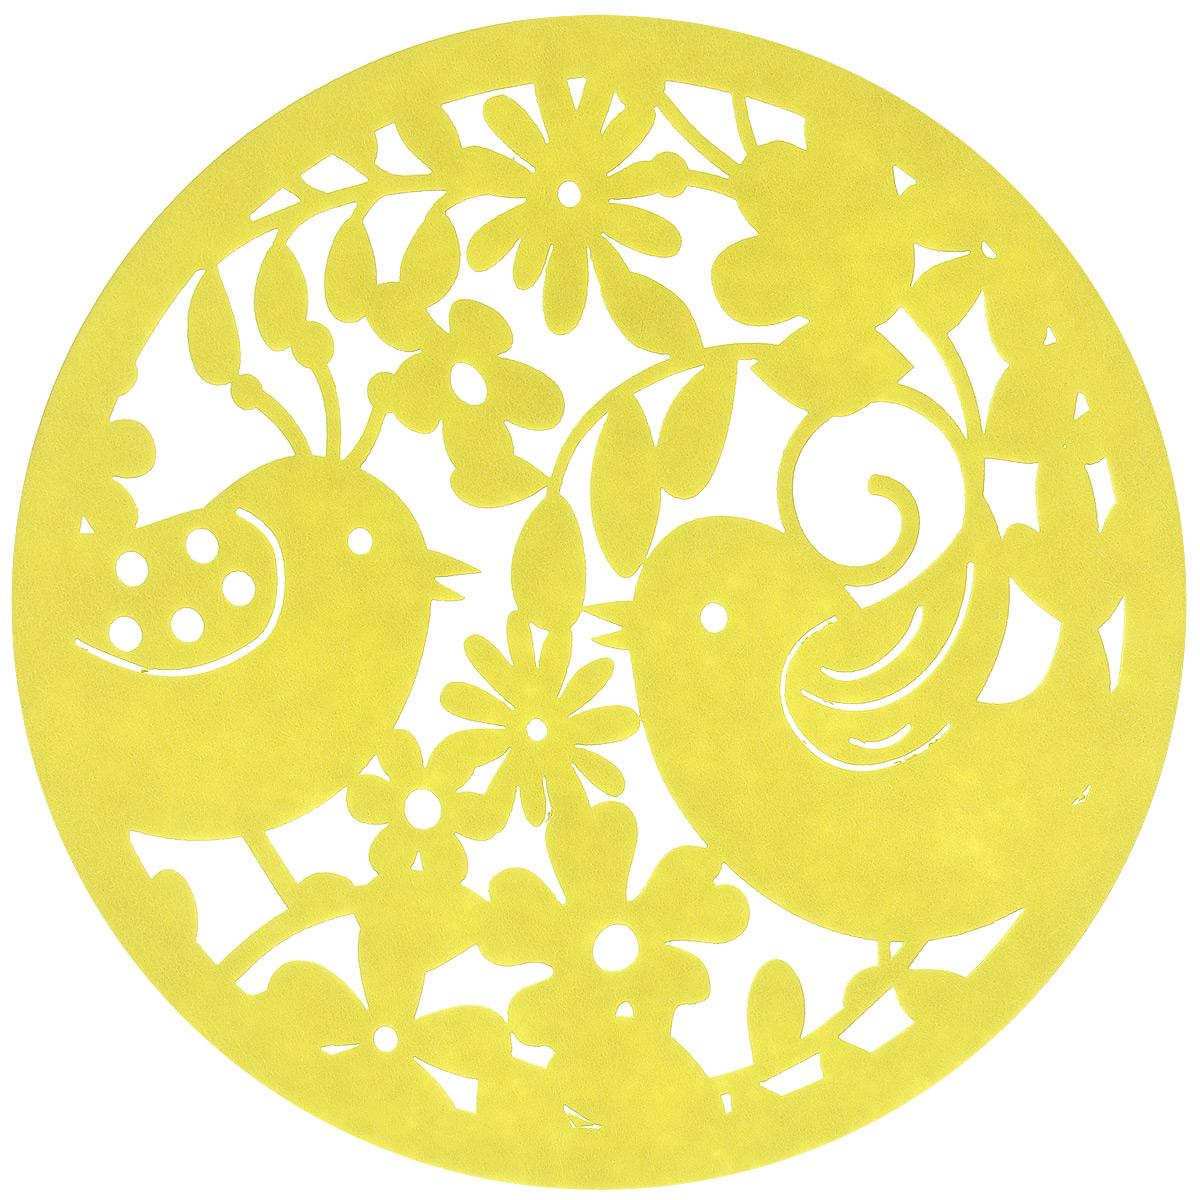 Салфетка Home Queen Круг. Птицы, цвет: желтый, диаметр 30 см64495_4Круглая салфетка Home Queen Круг. Птицы изготовлена из фетра и имеет красивую перфорацию в виде птиц и цветов. Вы можете использовать салфетку для декорирования стола, комода, журнального столика. В любом случае она добавит в ваш дом стиля, изысканности и неповторимости и убережет мебель от царапин и потертостей. Диаметр салфетки: 30 см.